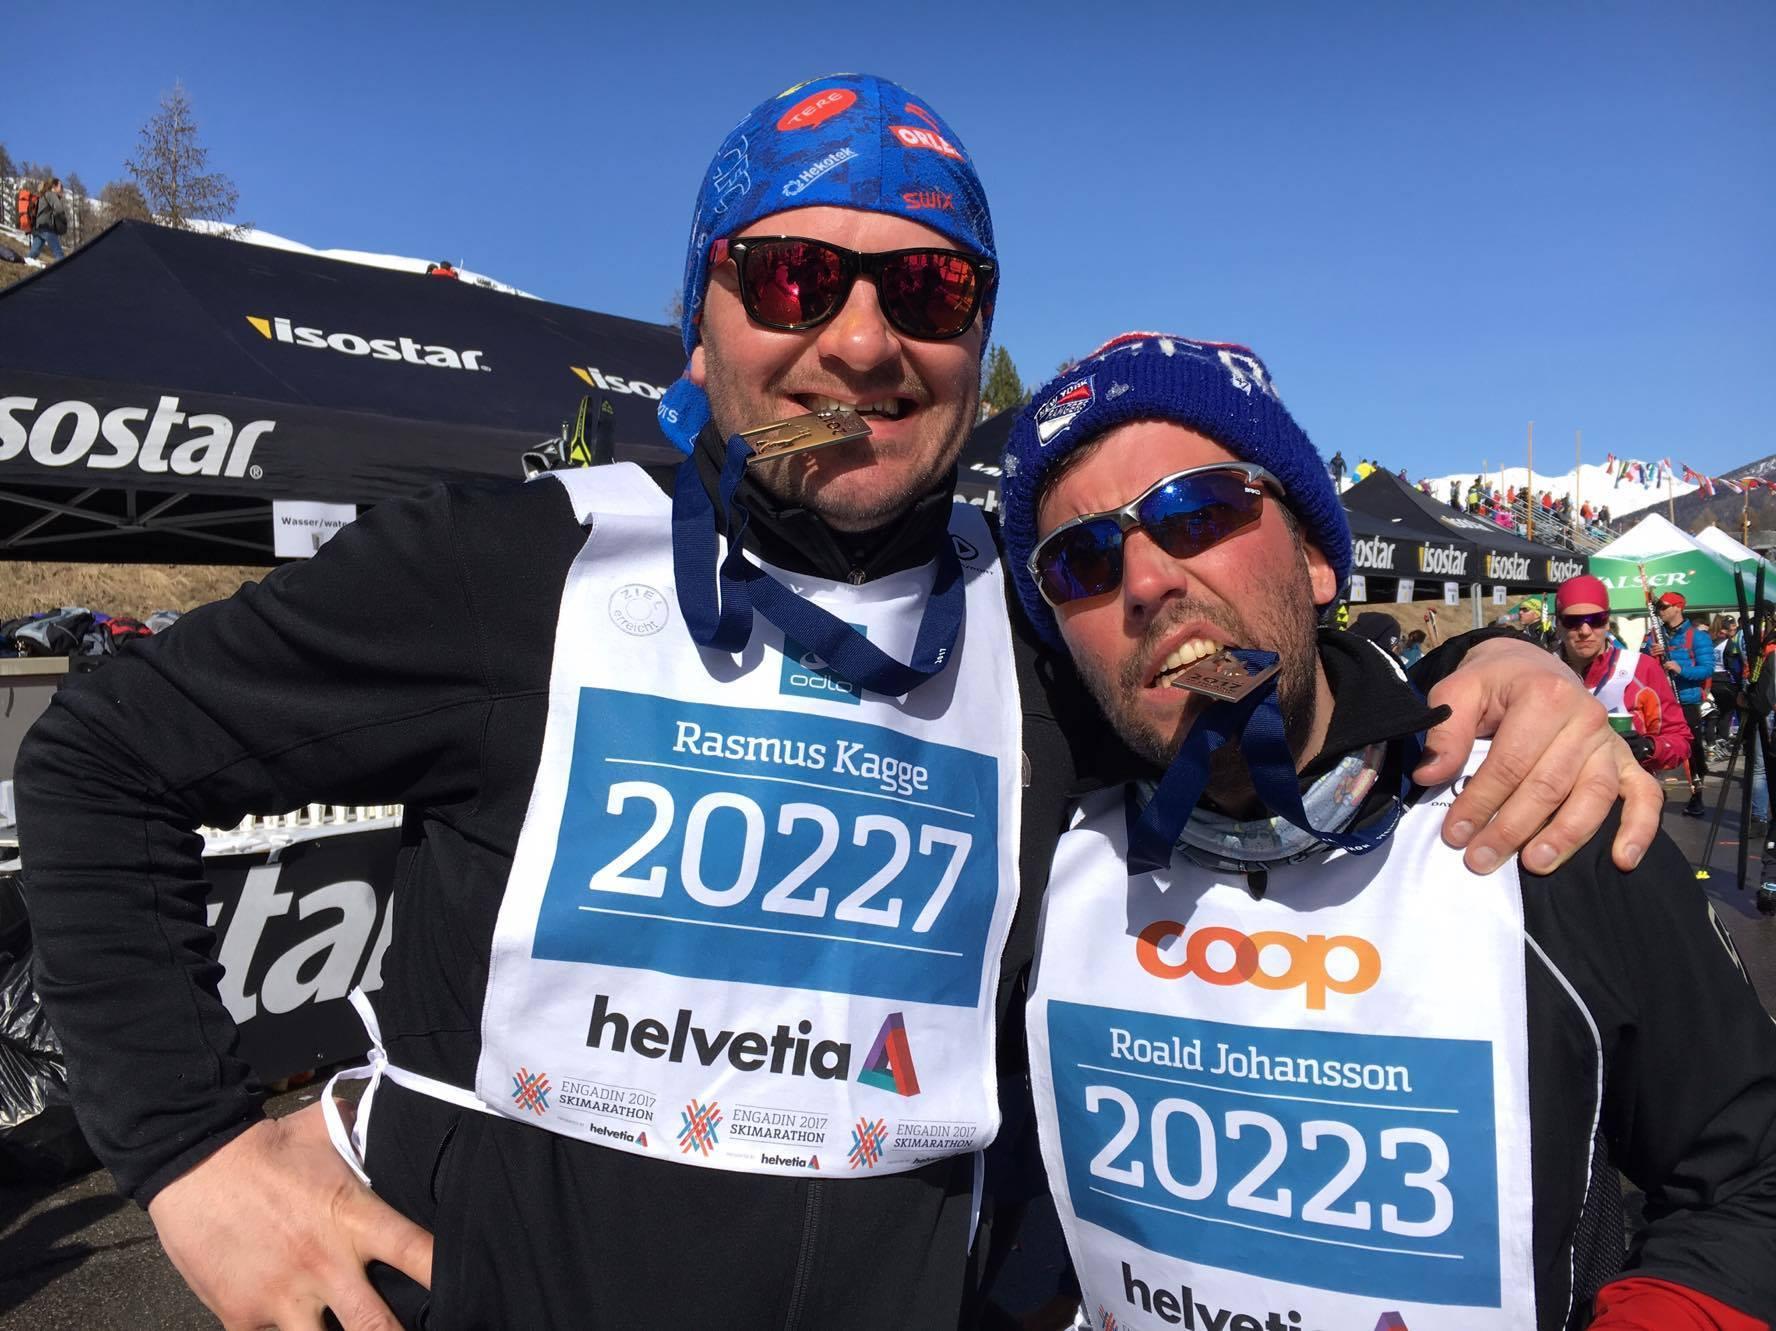 Rasmus Kagge ja Roald Johannson, Engadin 2017